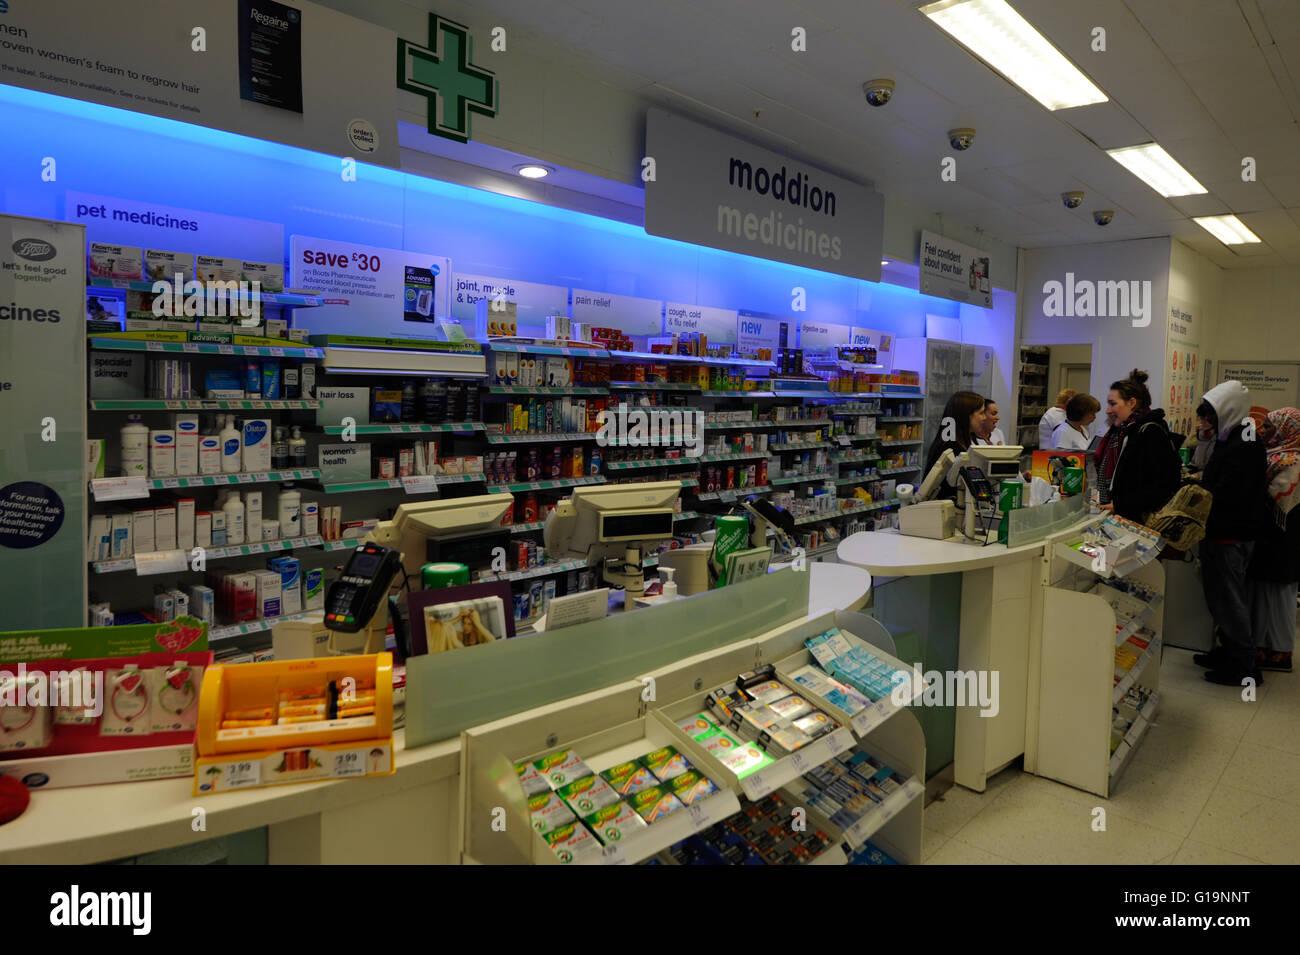 Cardiff Wales UK Stock Photo